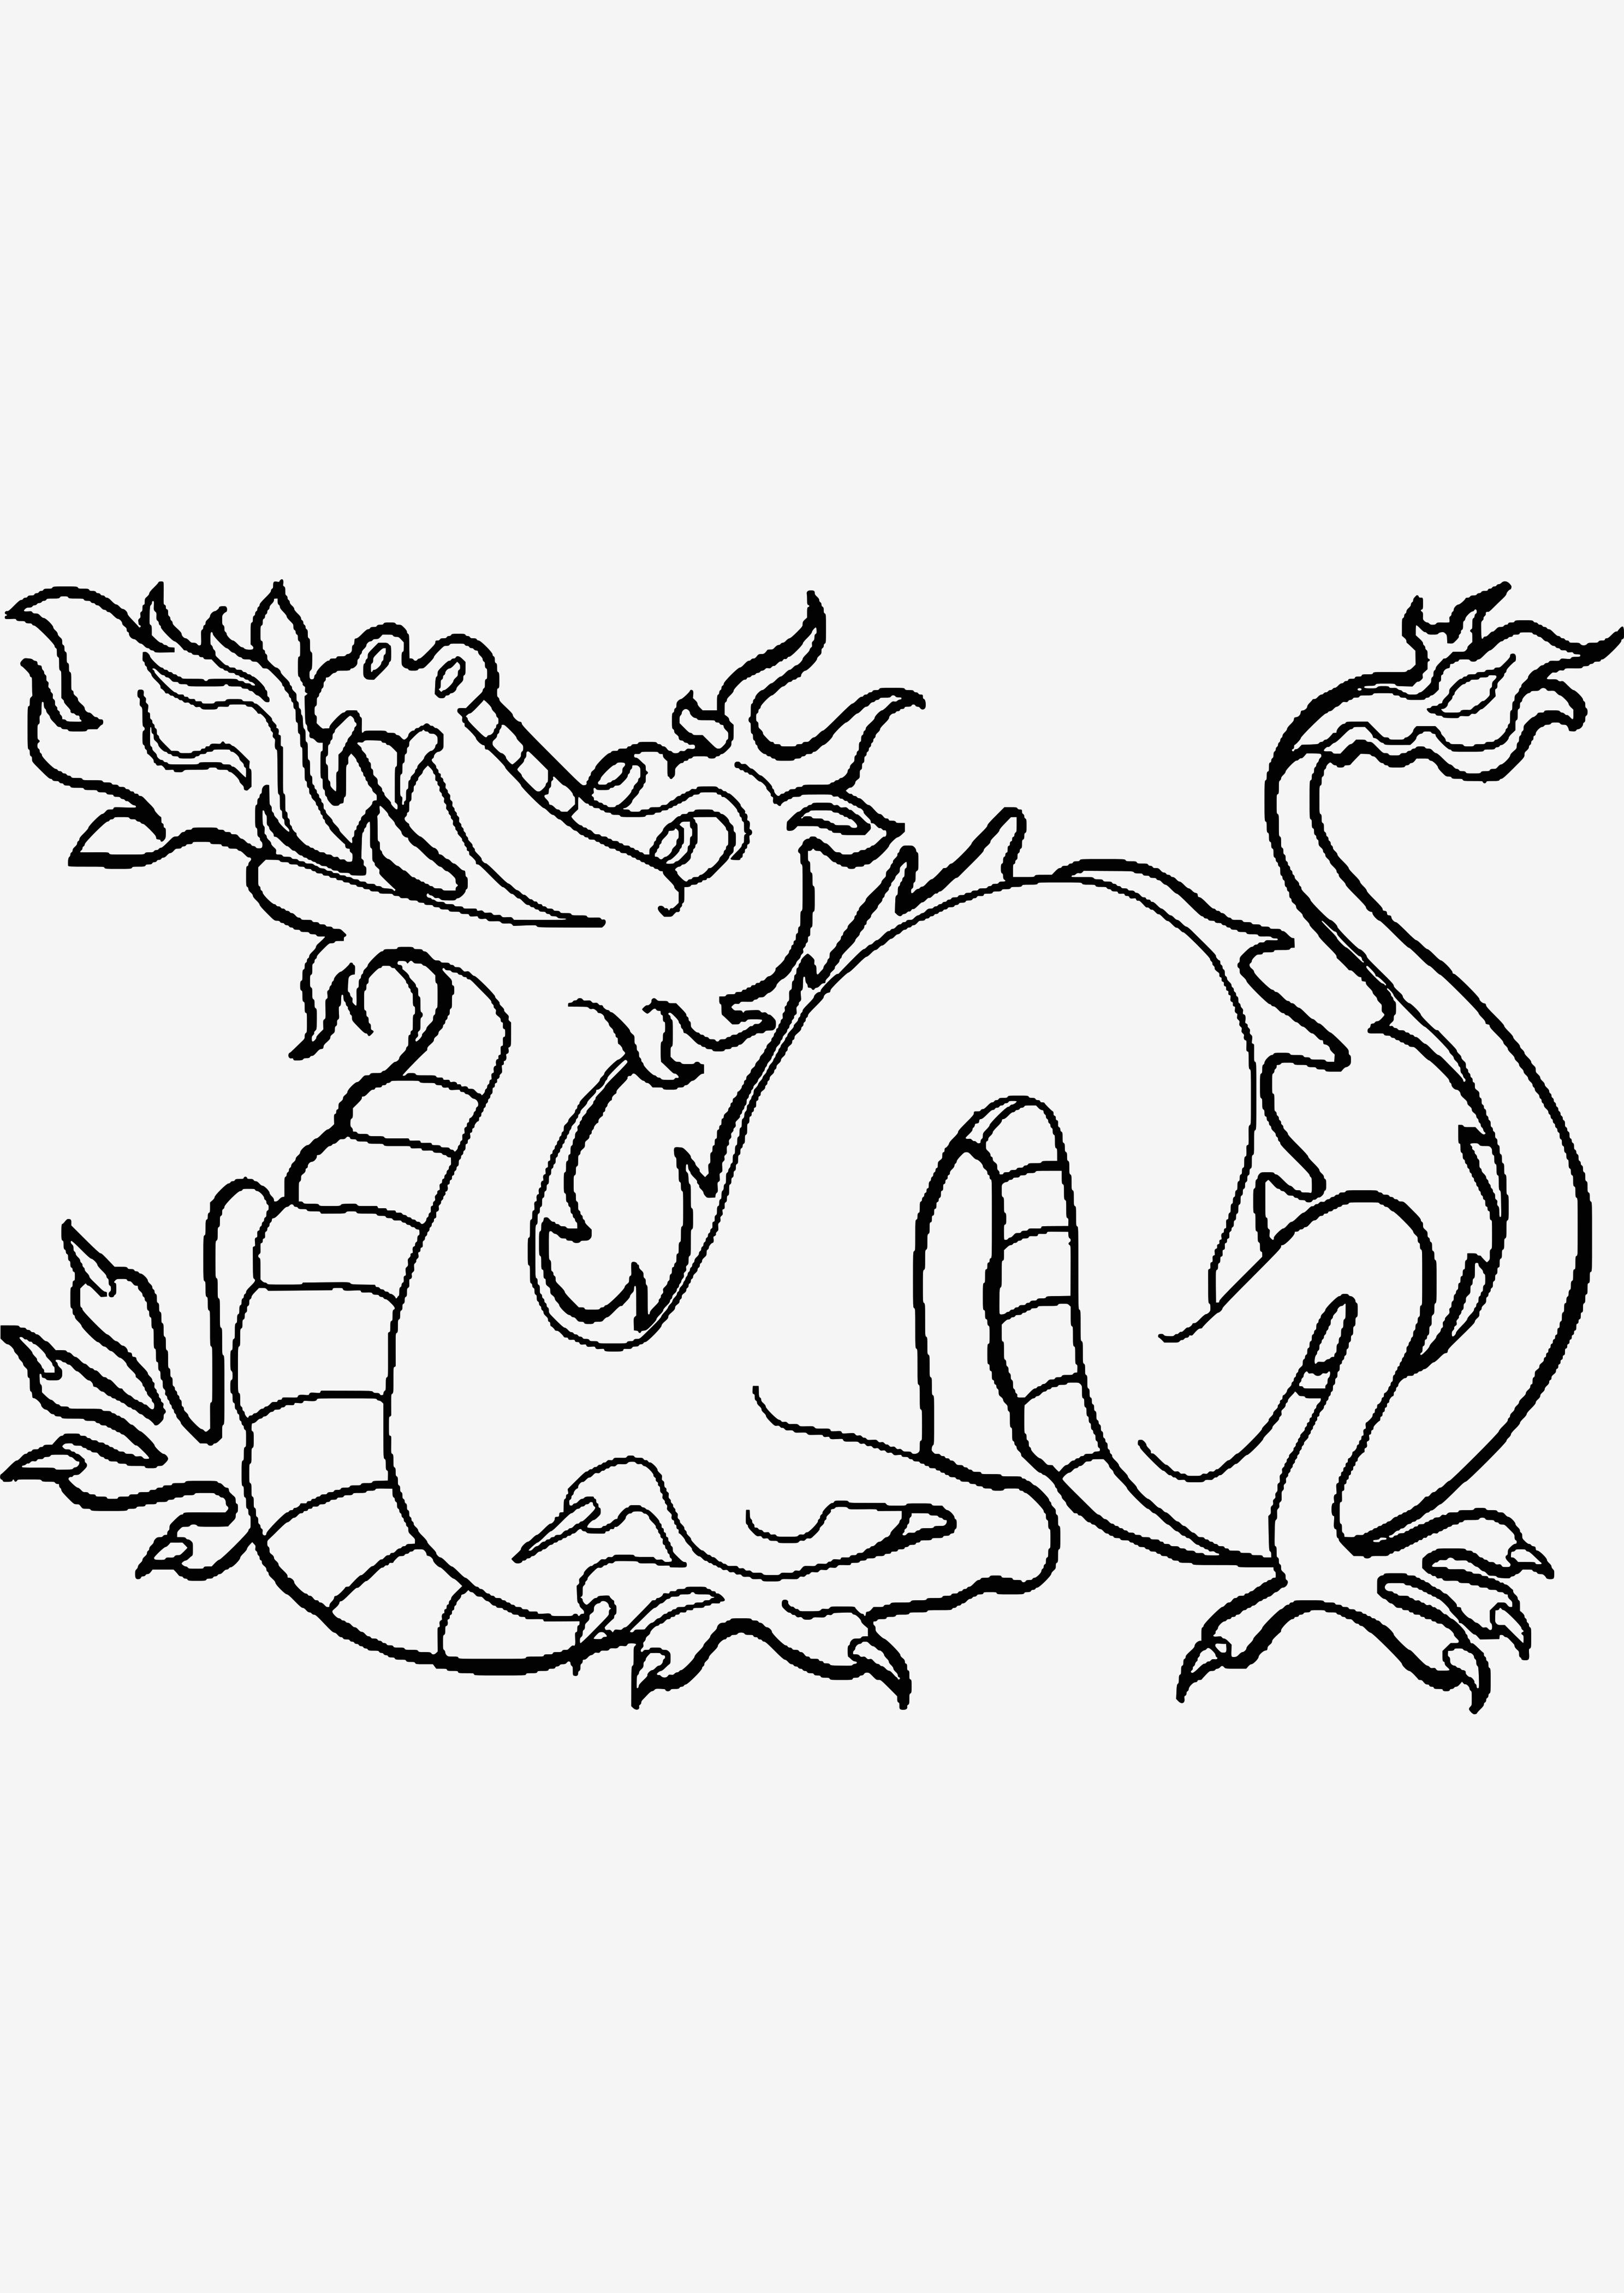 Malvorlage Drachen Herbst Frisch Lernspiele Färbung Bilder Ausmalbilder Herbst Drachen Das Bild